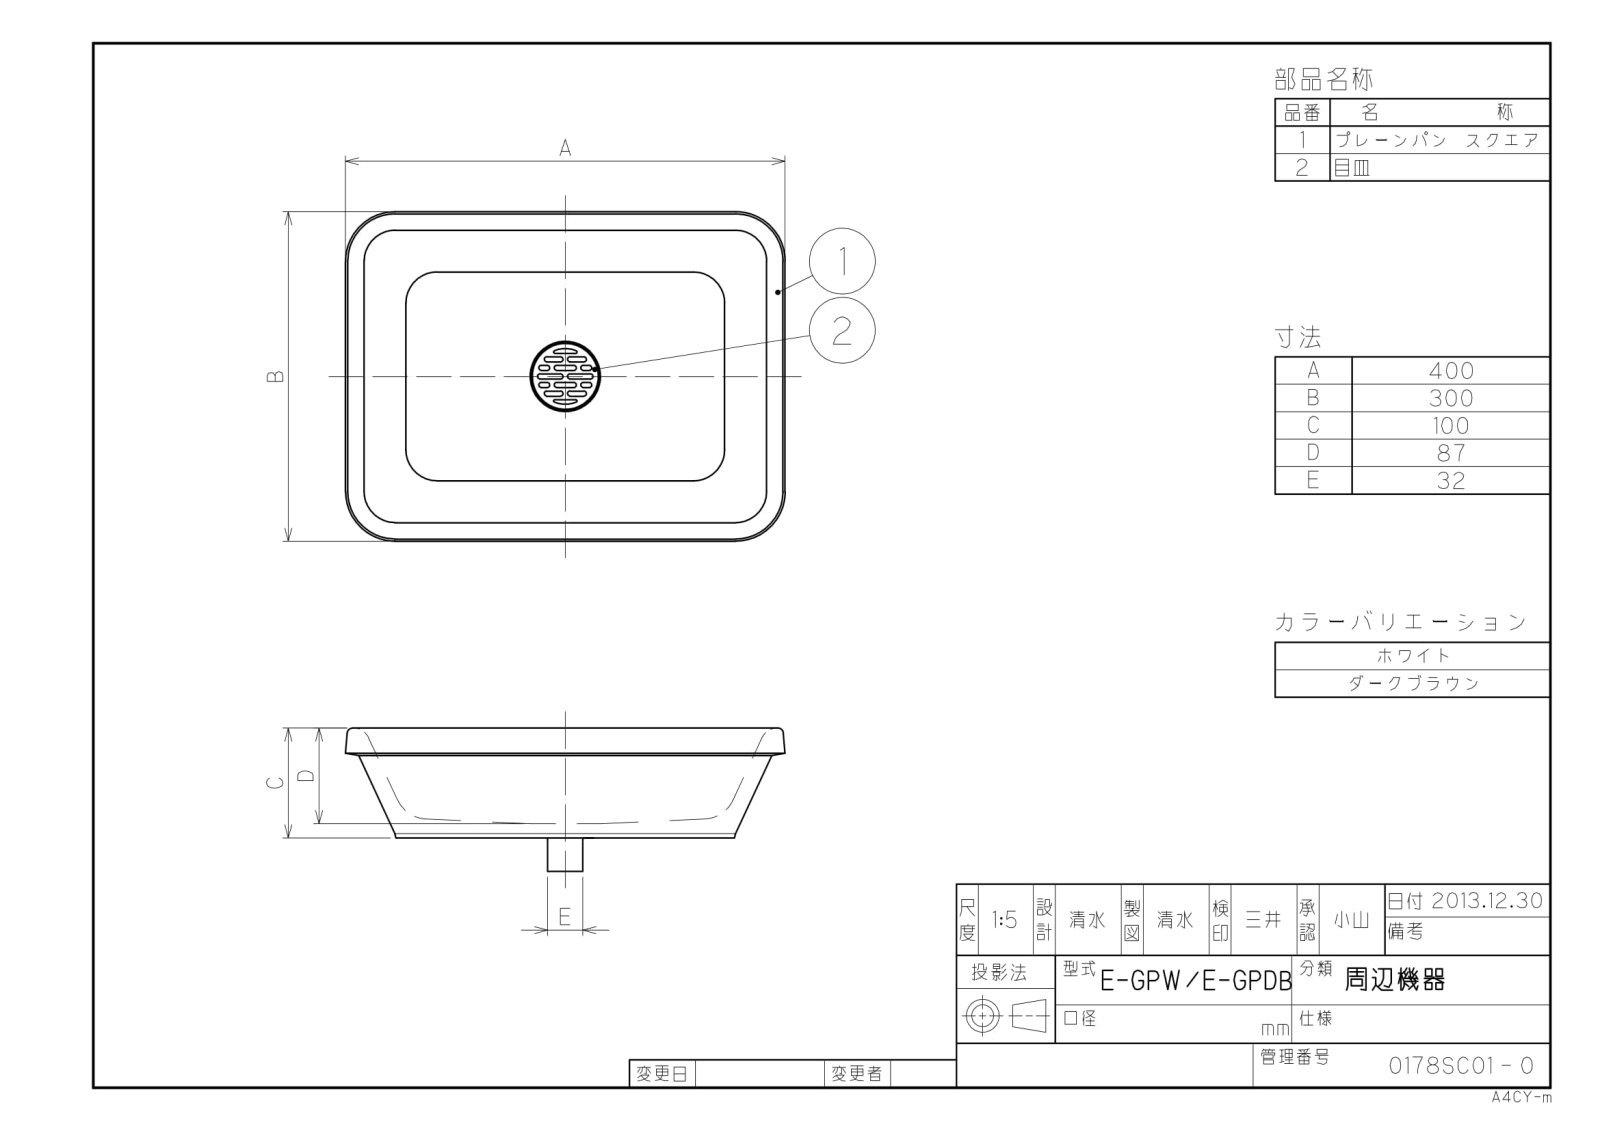 ガーデンパン 立水栓 オンリーワンクラブ 【プレーンパン スクエア】 ガーデンパン 庭まわり 水廻り